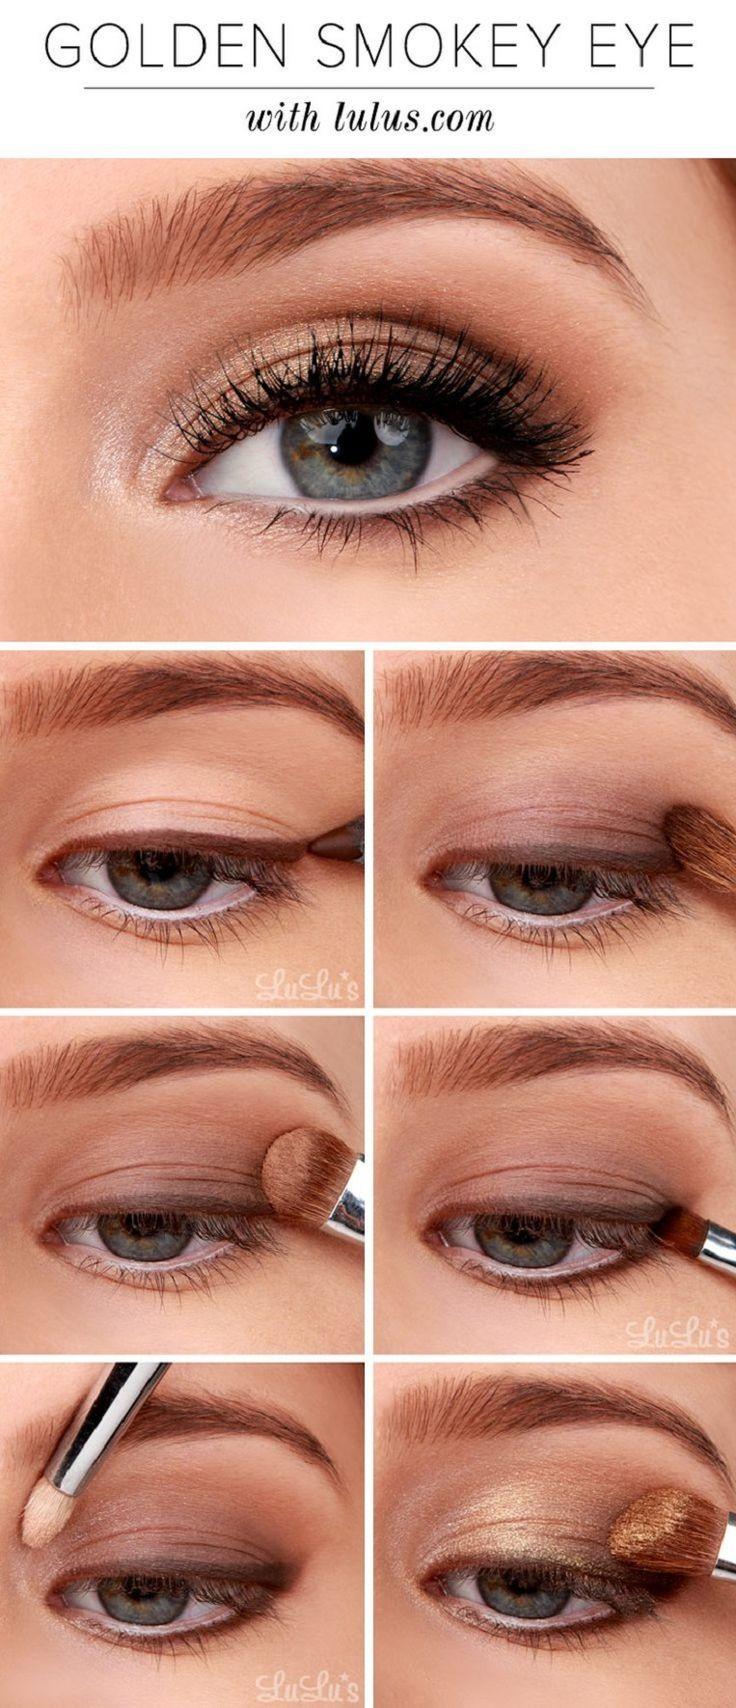 Пошаговый макияж коричневыми тенями